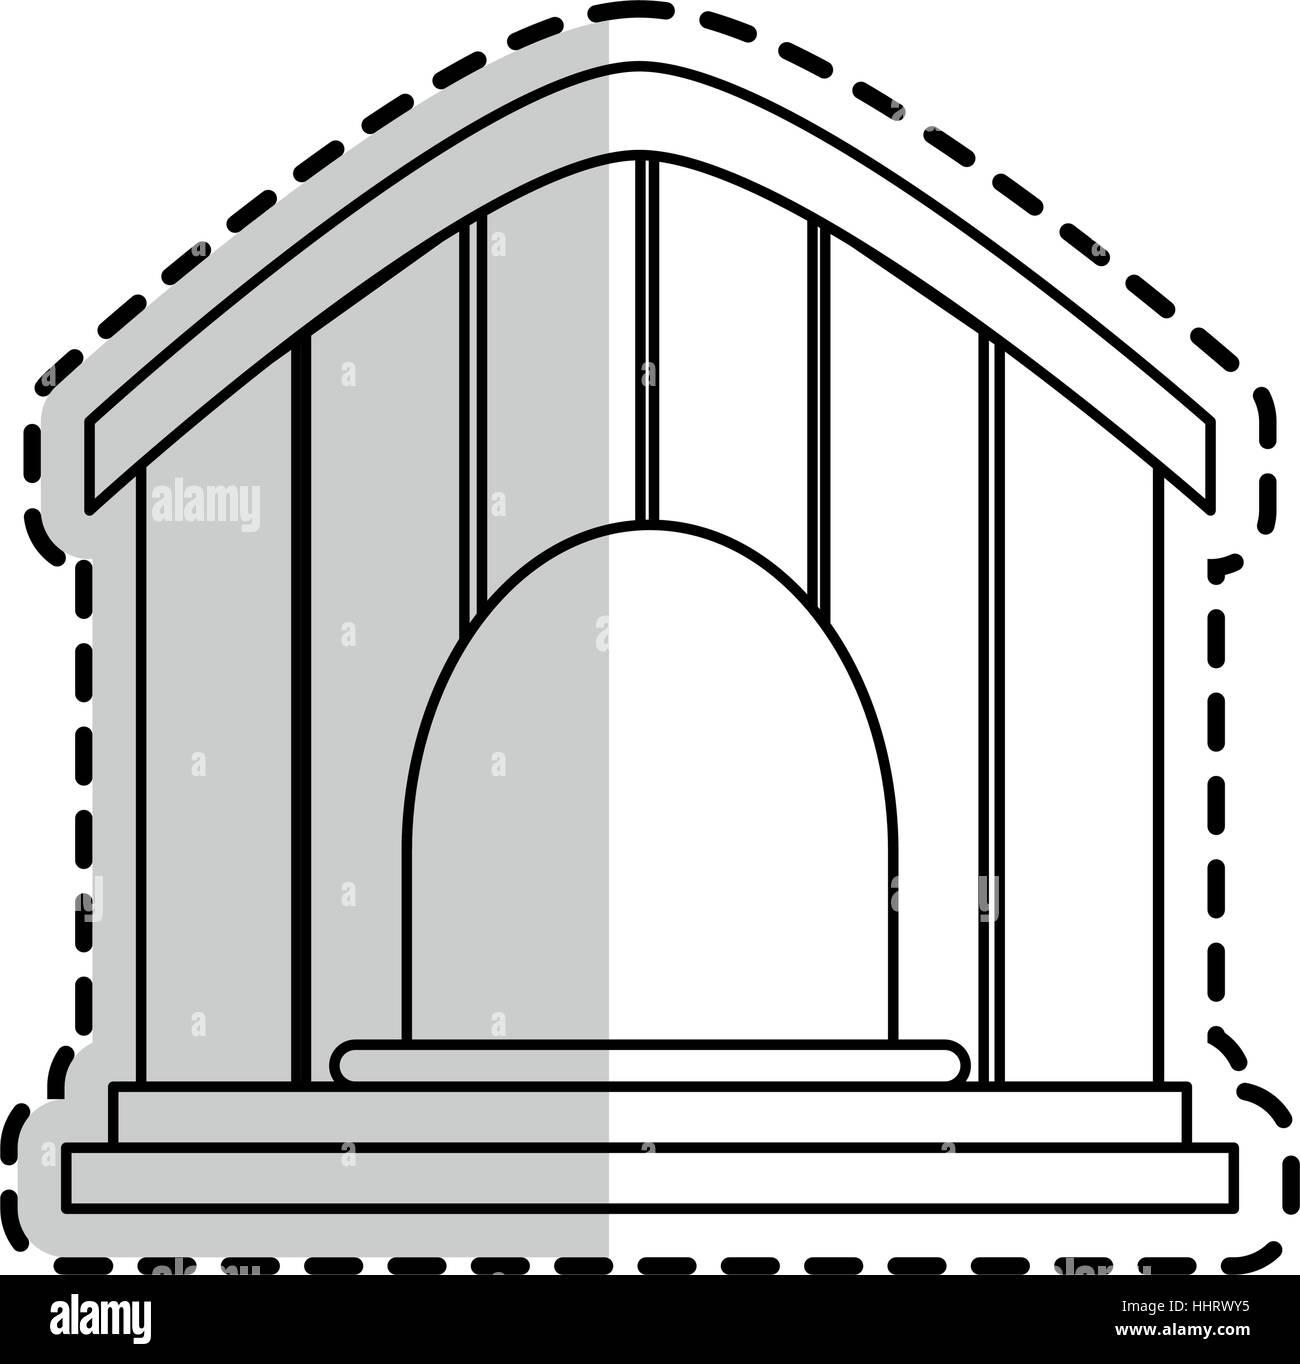 pet shop design - Stock Image